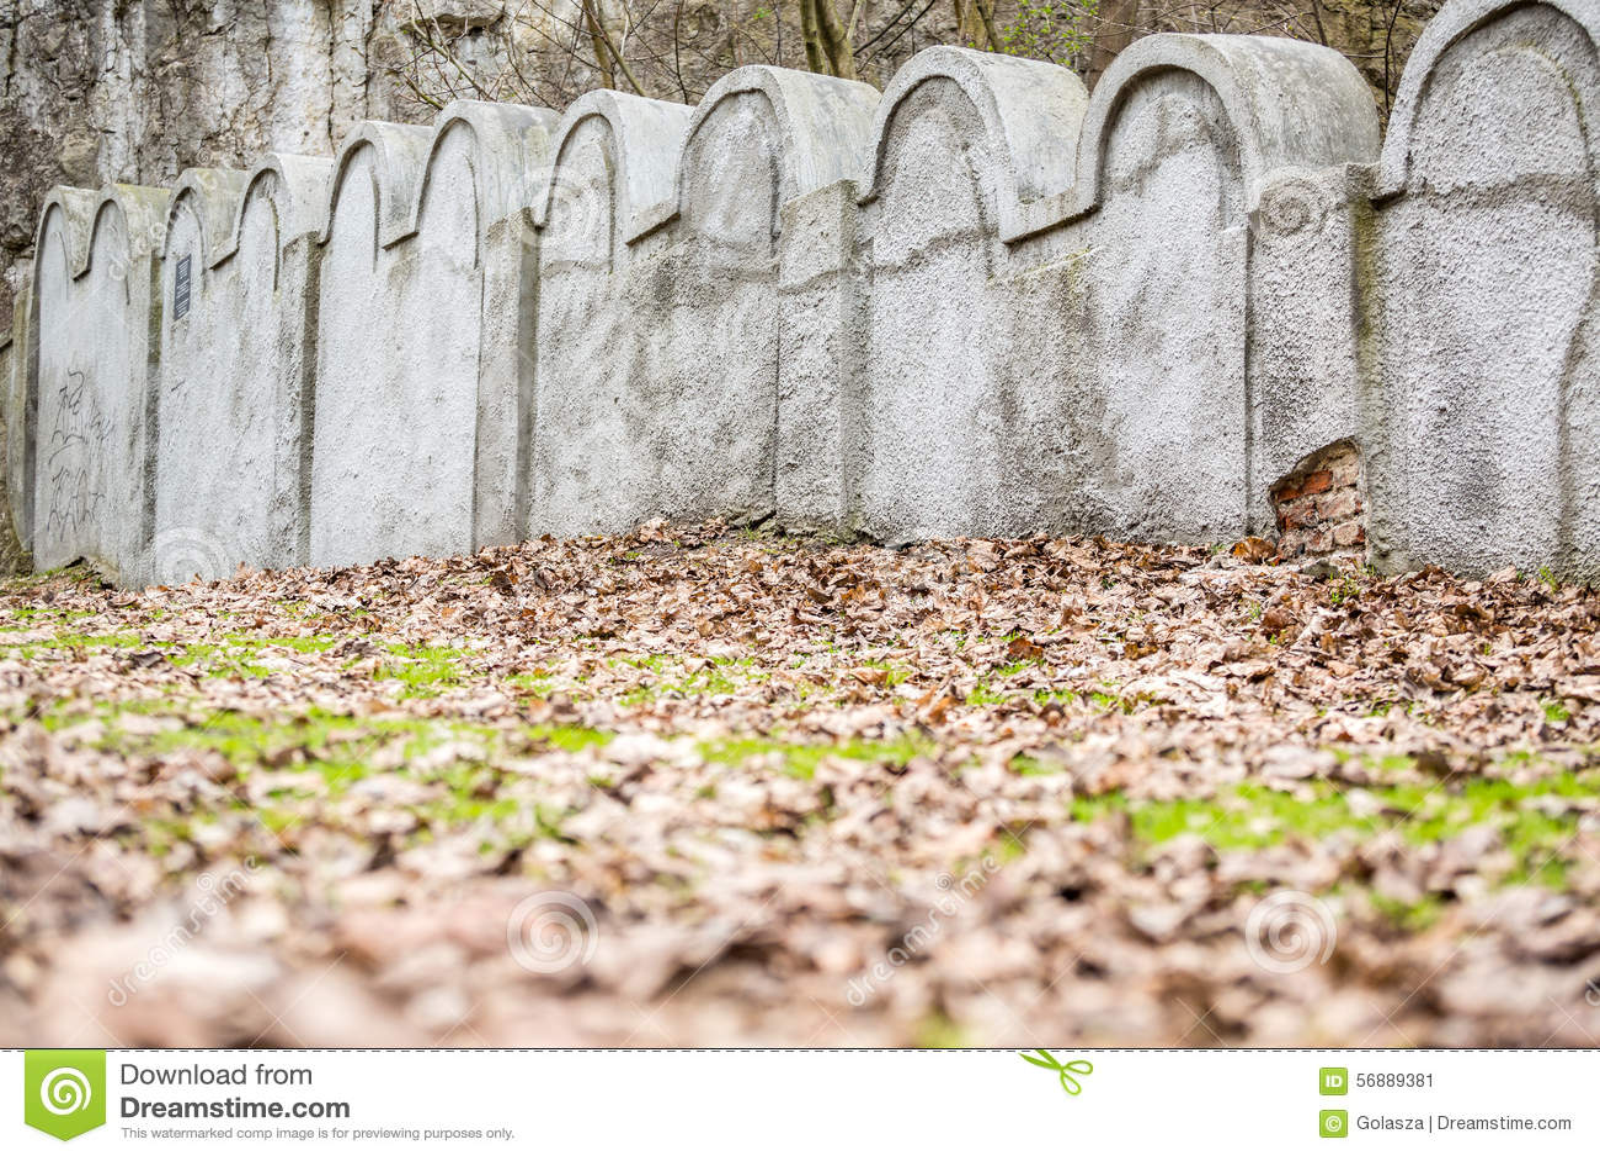 Εβραϊκός τοίχος γκέτο, Κρακοβία, Πολωνία